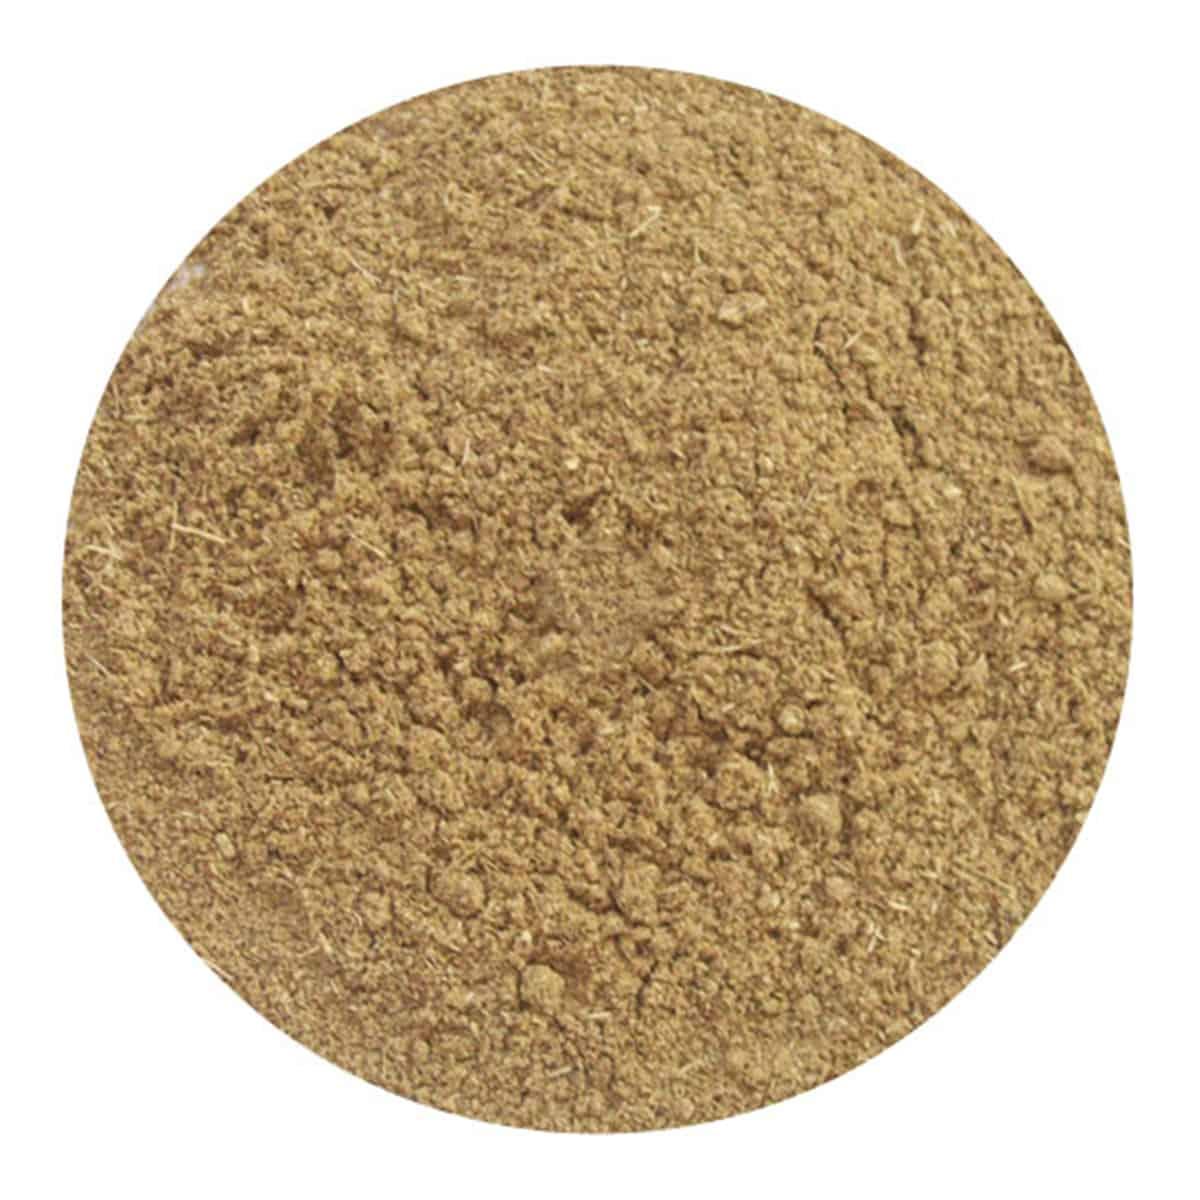 Buy IAG Foods Fennel Powder - 1 kg